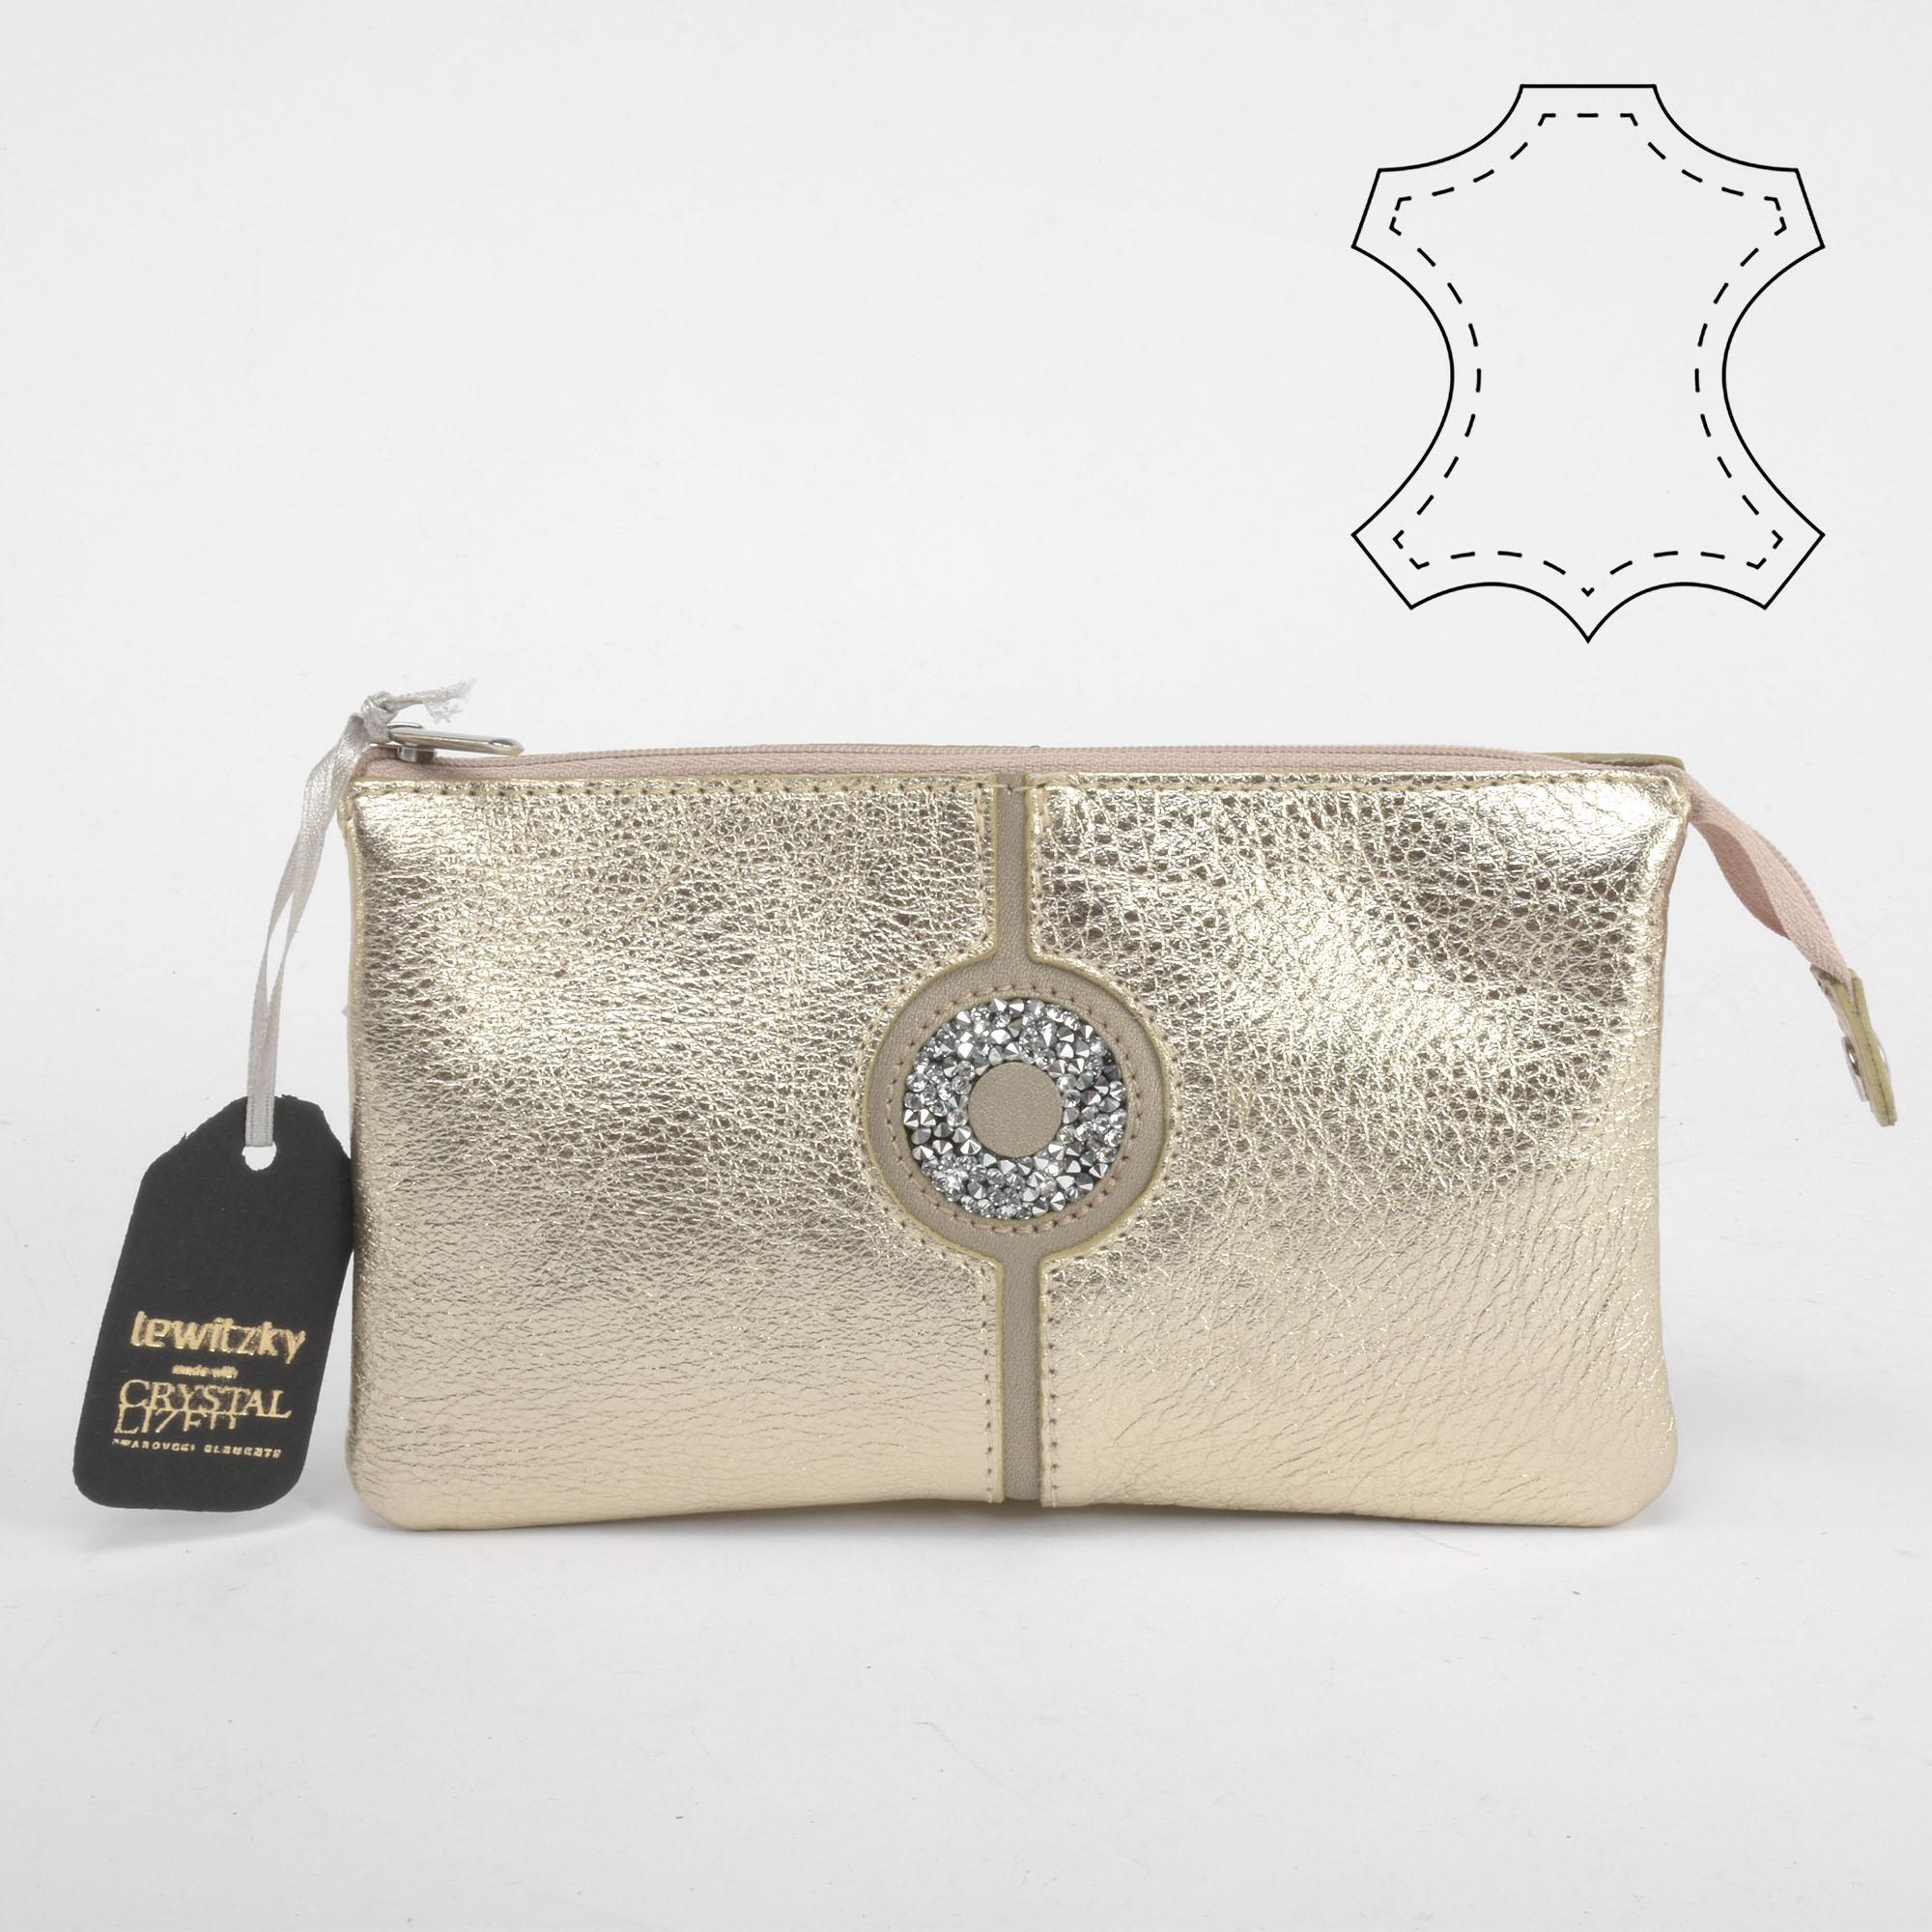 c774feeafd Lewitzky Swarovski köves arany színű bőr pénztárca - NŐI PÉNZTÁRCÁK - Táska  webáruház - Minőségi táskák mindenkinek